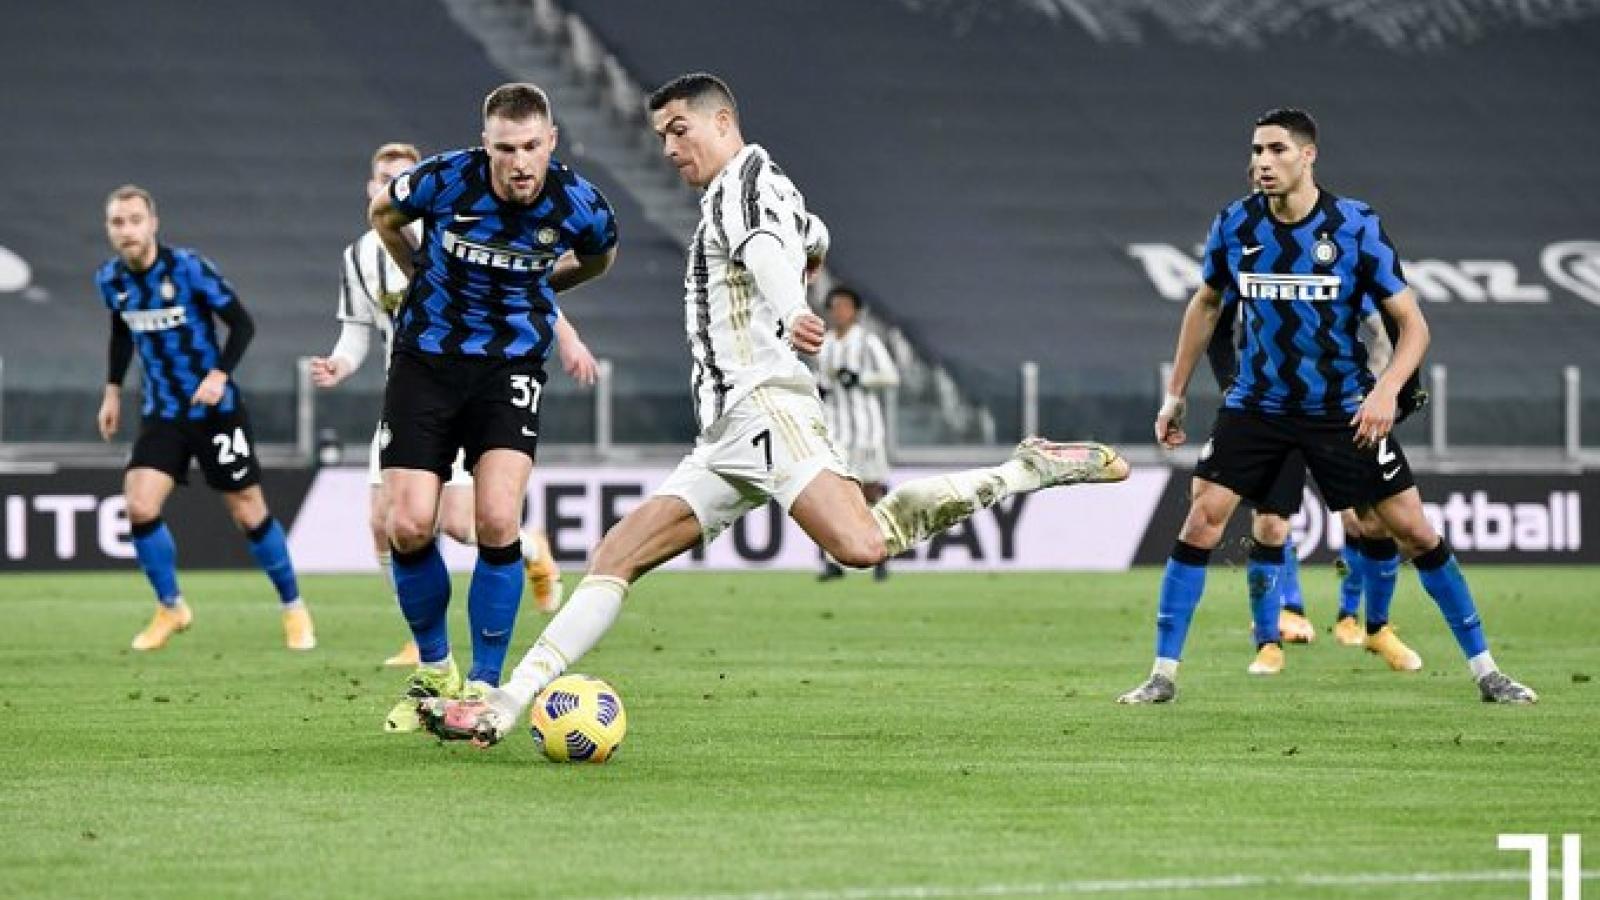 Vượt qua Inter Milan, Juventus vào chung kết Coppa Italia